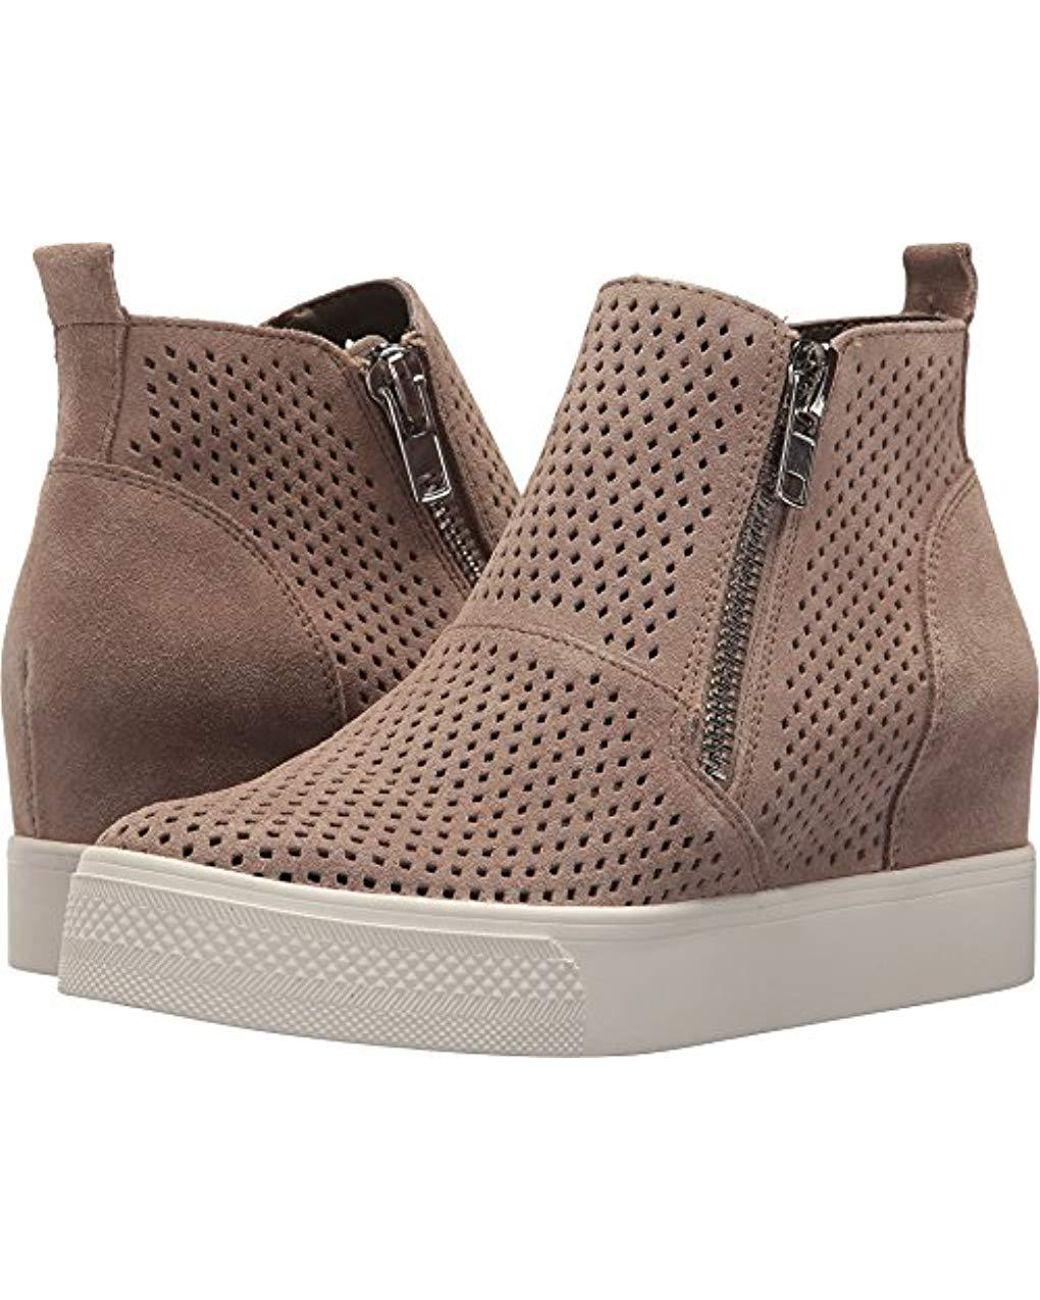 eee07e363d0 Women's Brown Wedgie-p Sneaker